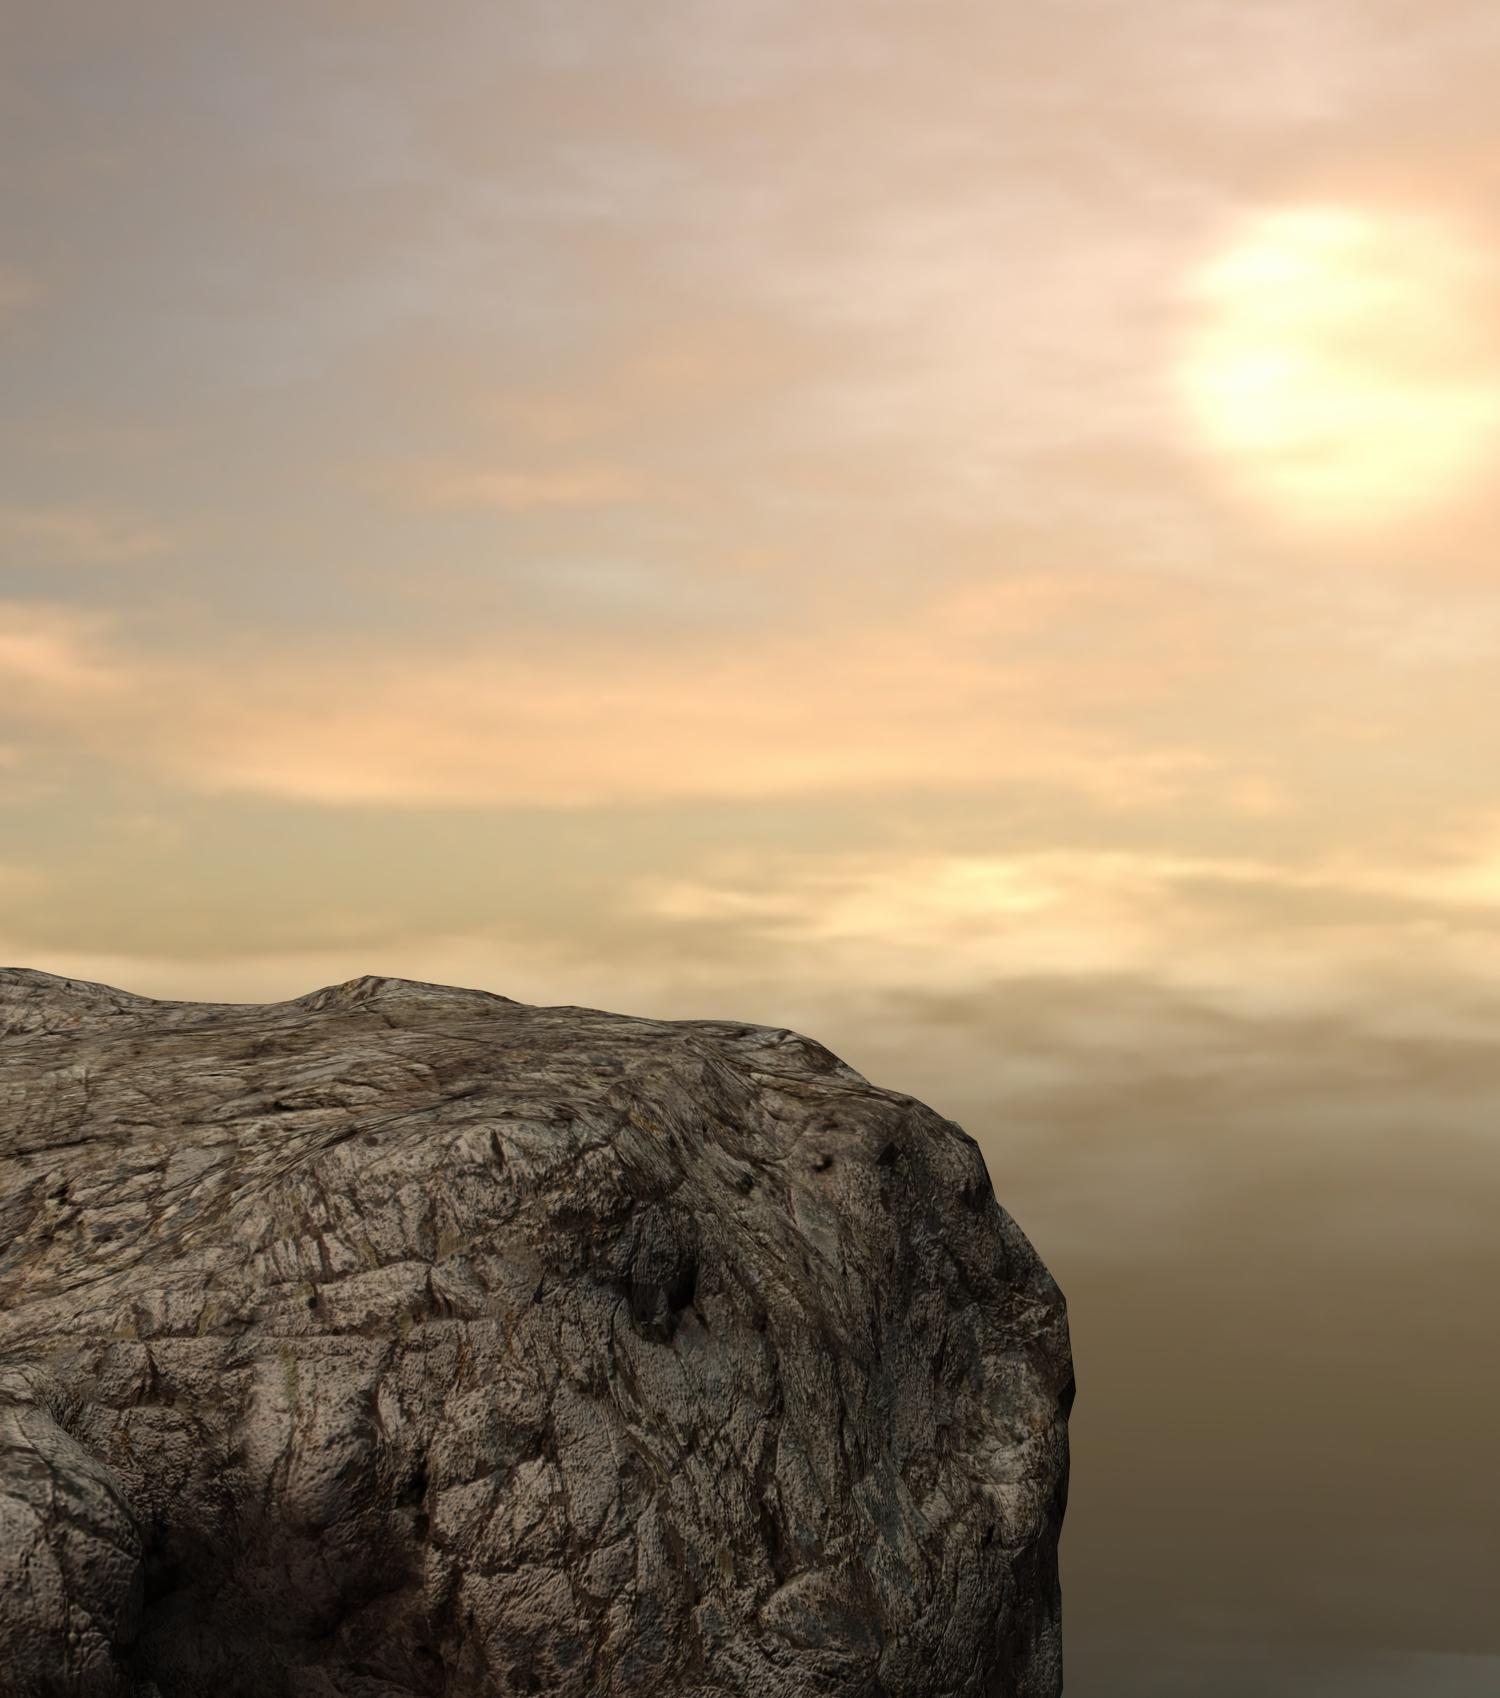 rocks n sky 3